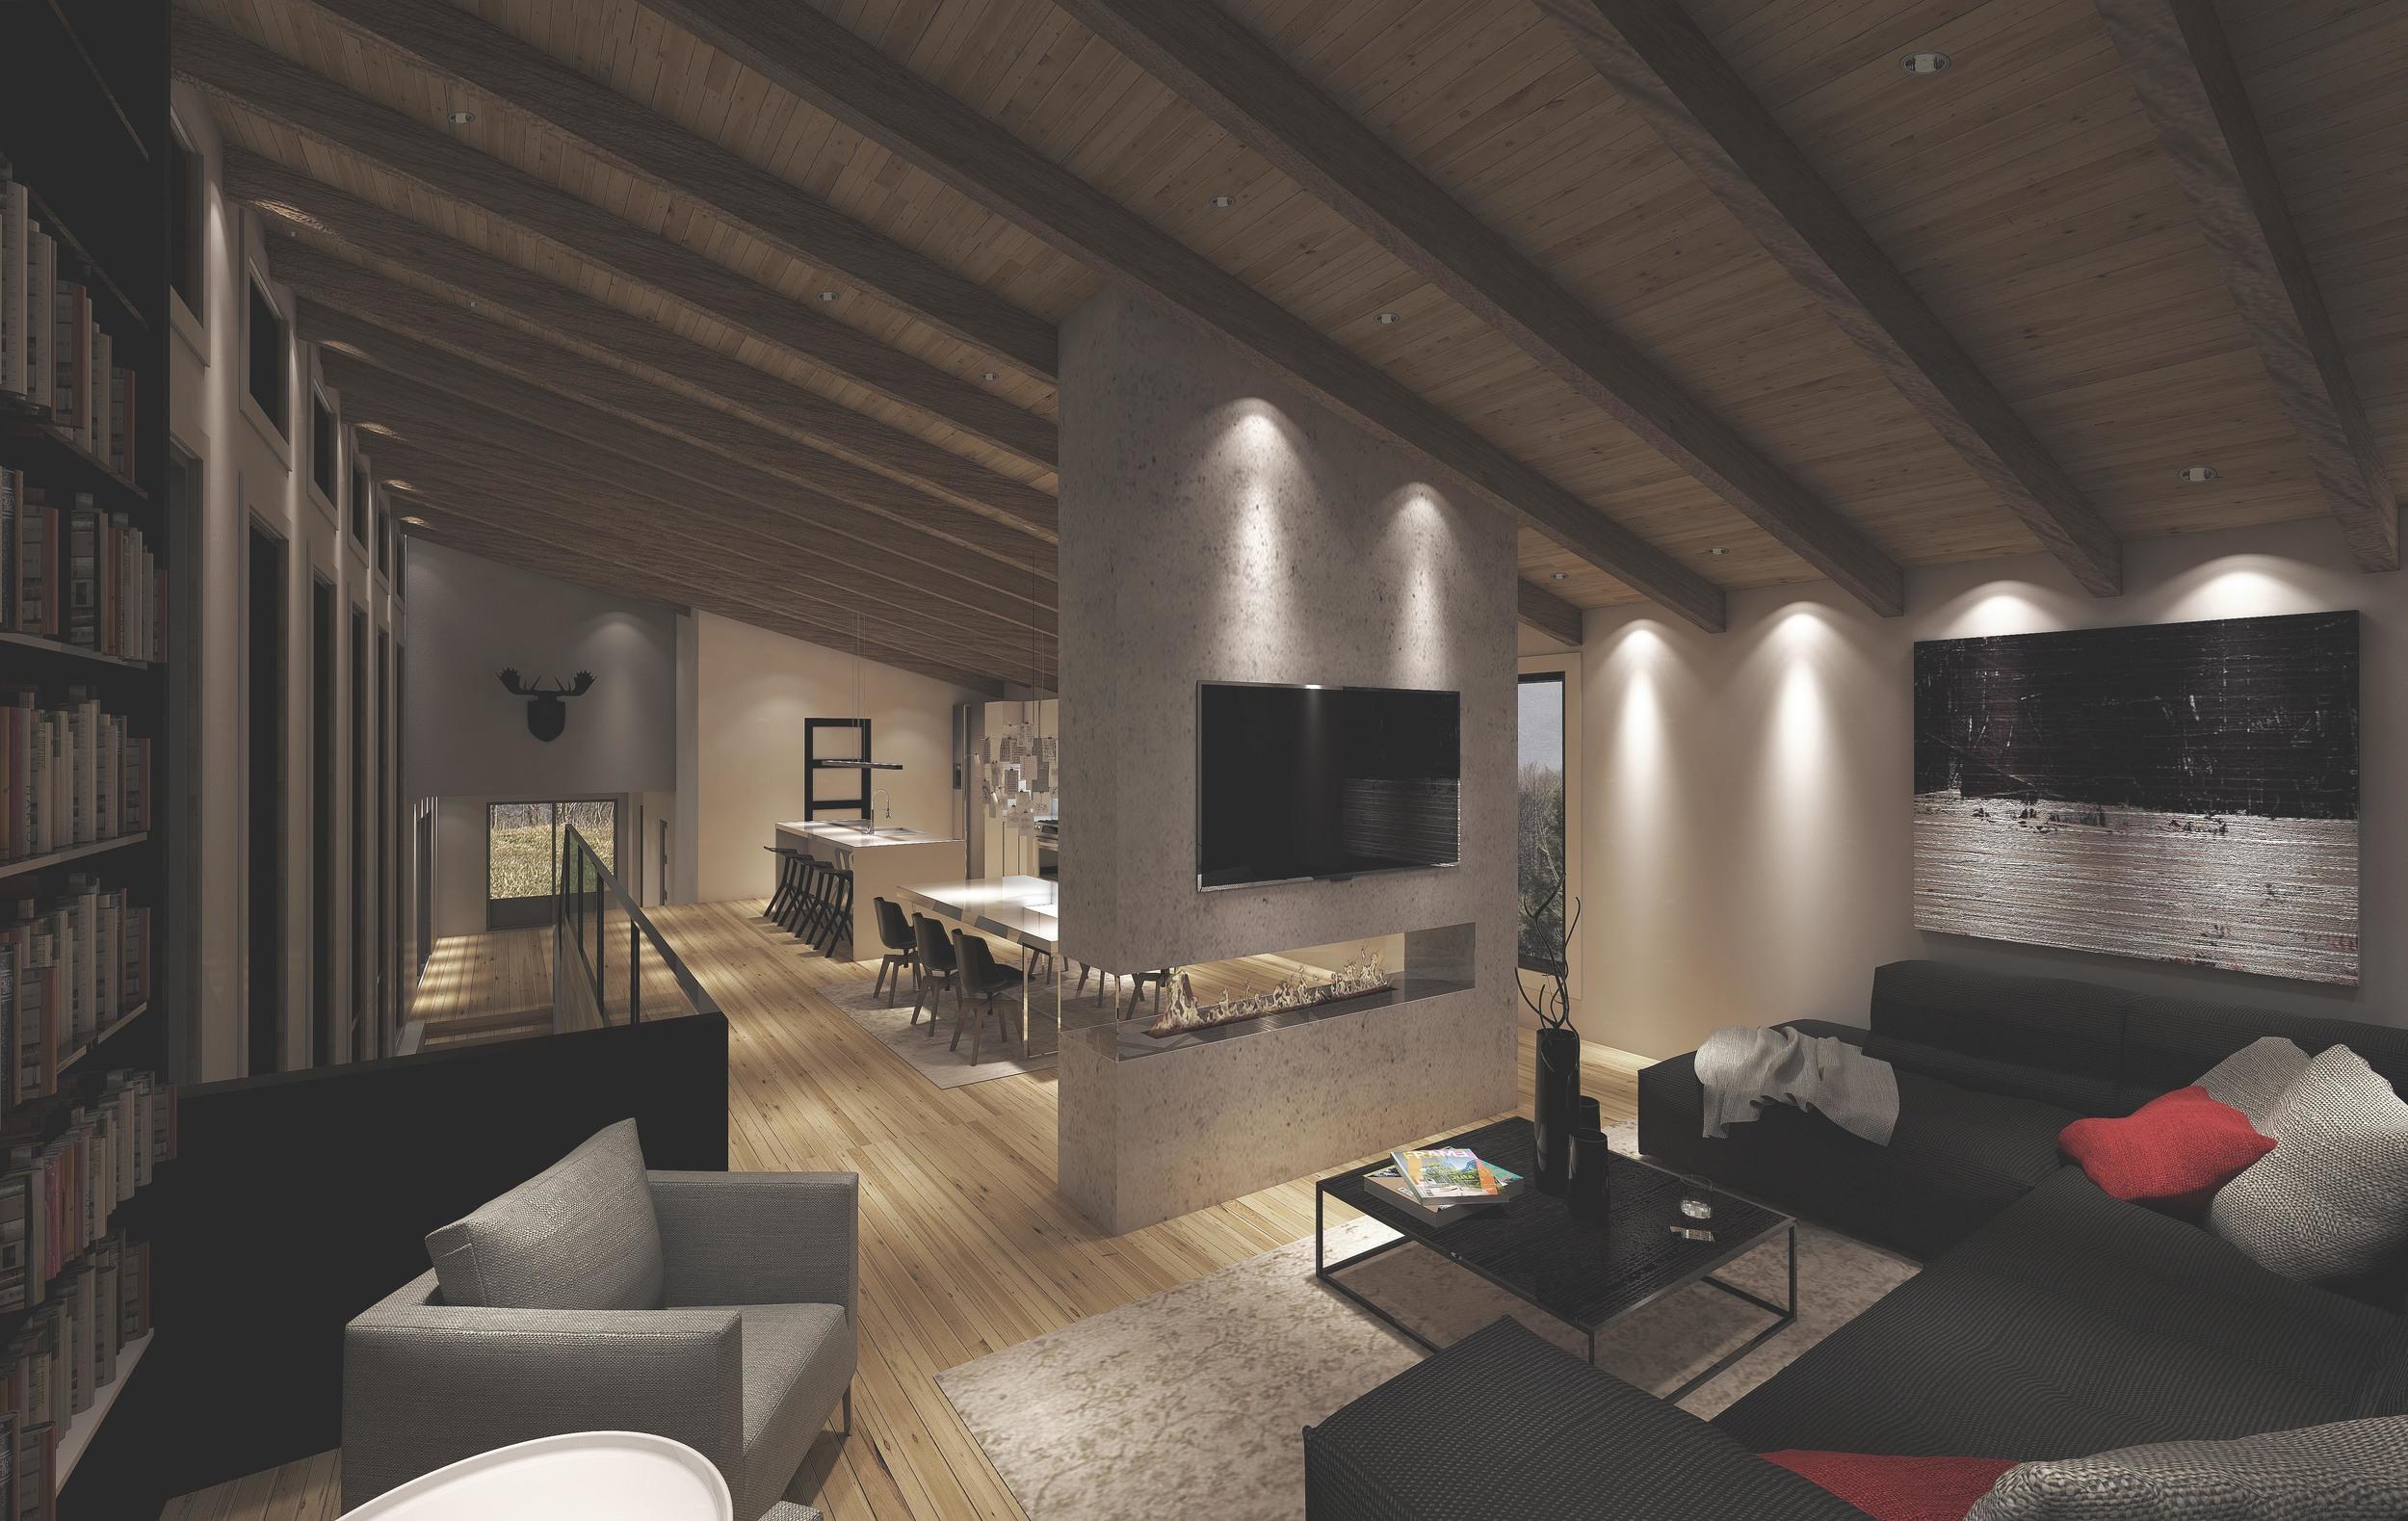 INTÉRIEUR: Vue du salon,salle à manger et cuisine